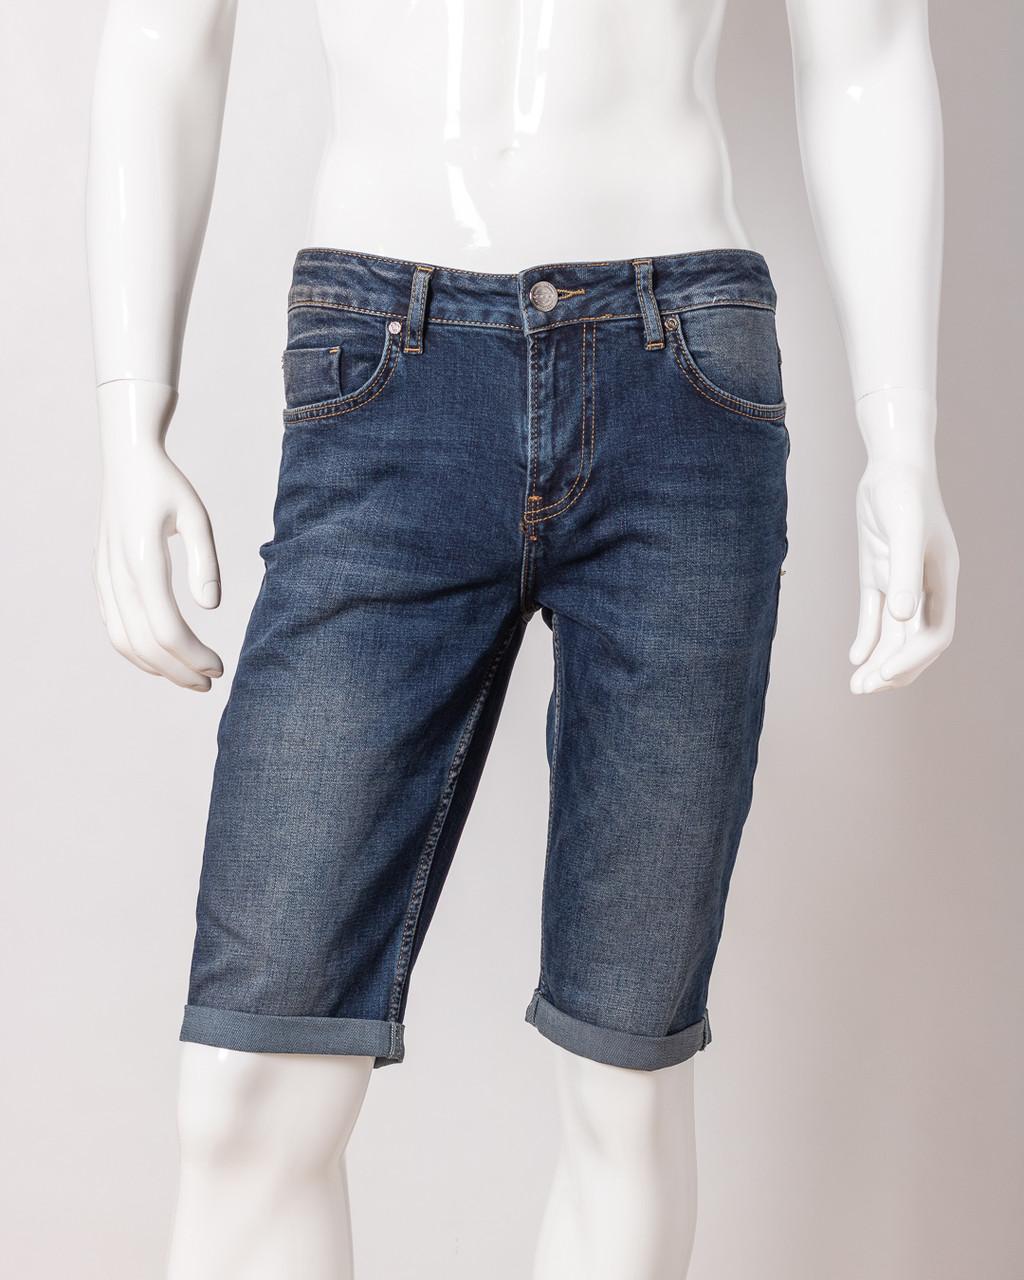 Шорты джинсовые мужские TWISTER ES 7067-01 K. MAVI DARK